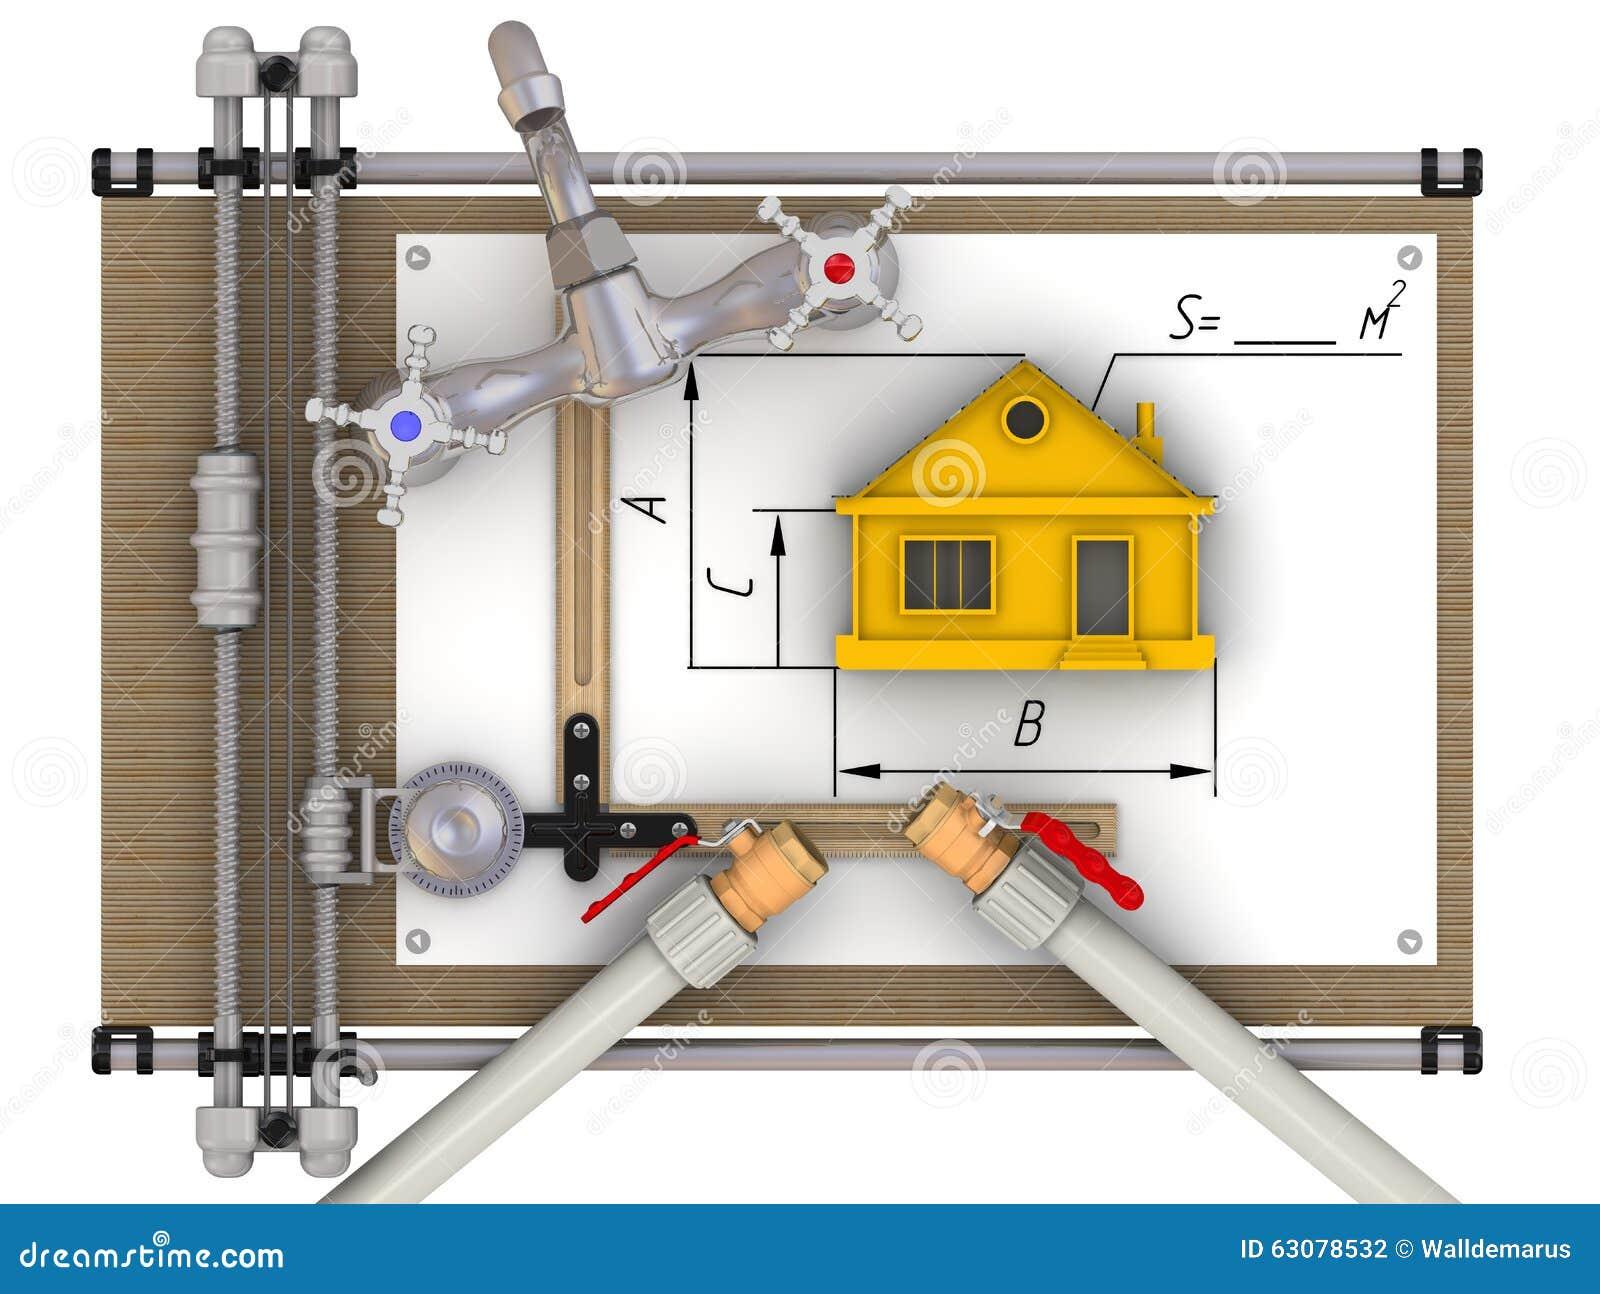 Download Le Concept Du Calcul De L'approvisionnement En Eau à La Maison Illustration Stock - Illustration du retrait, isolement: 63078532